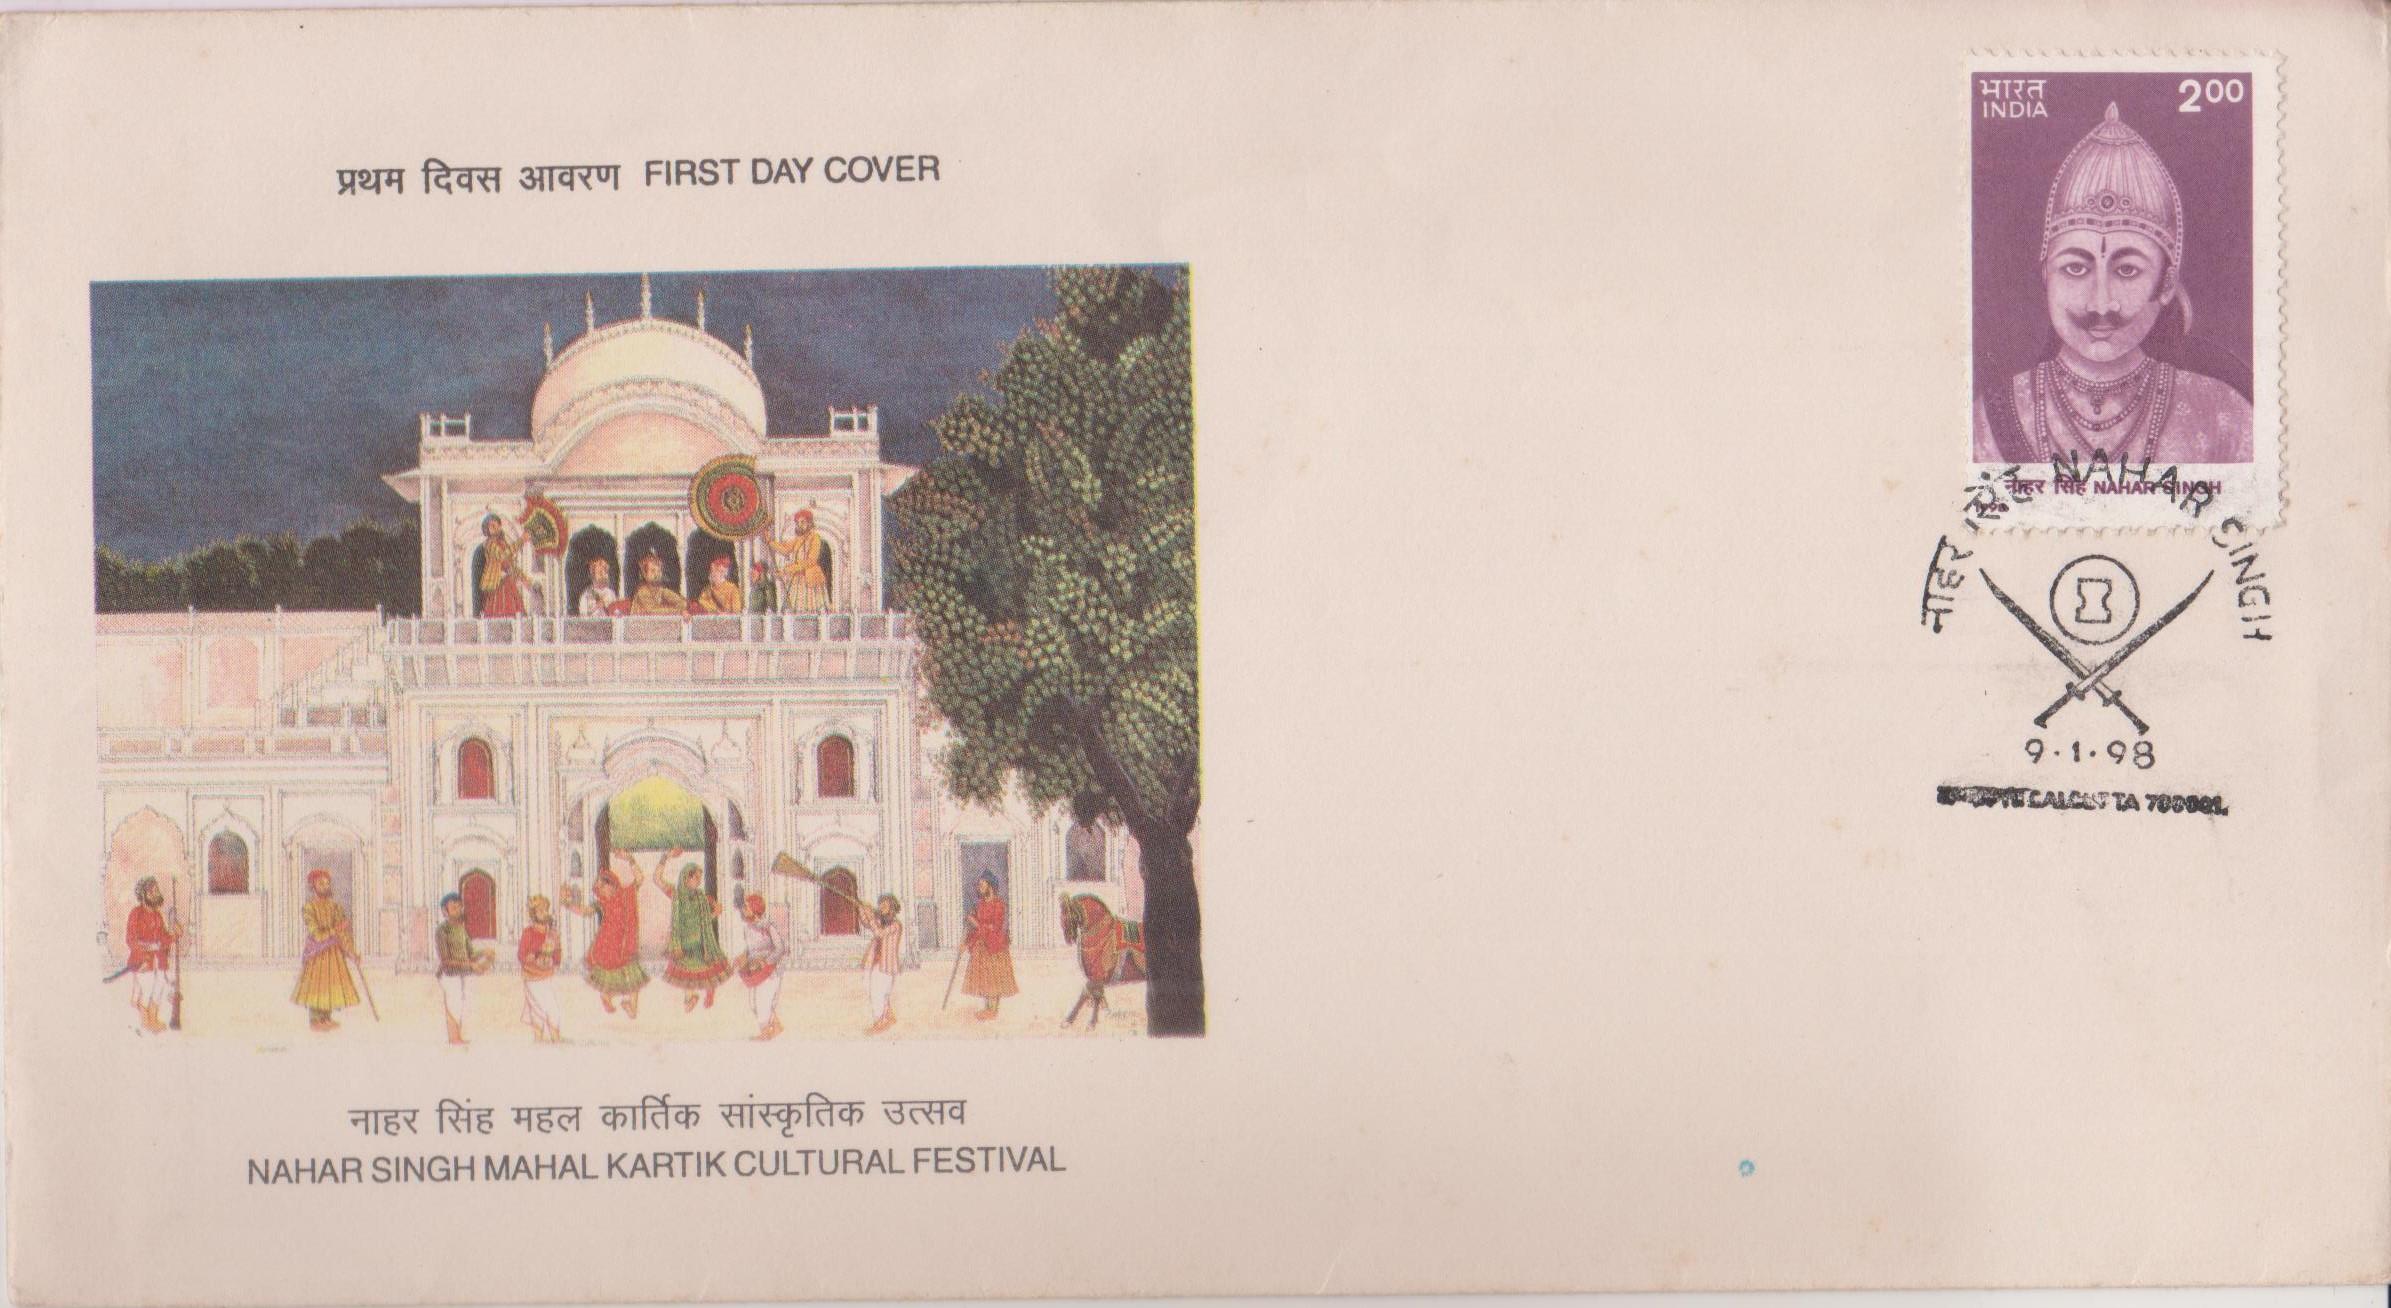 Kartik Mela at Nahar Singh Mahal, Ballabhgarh